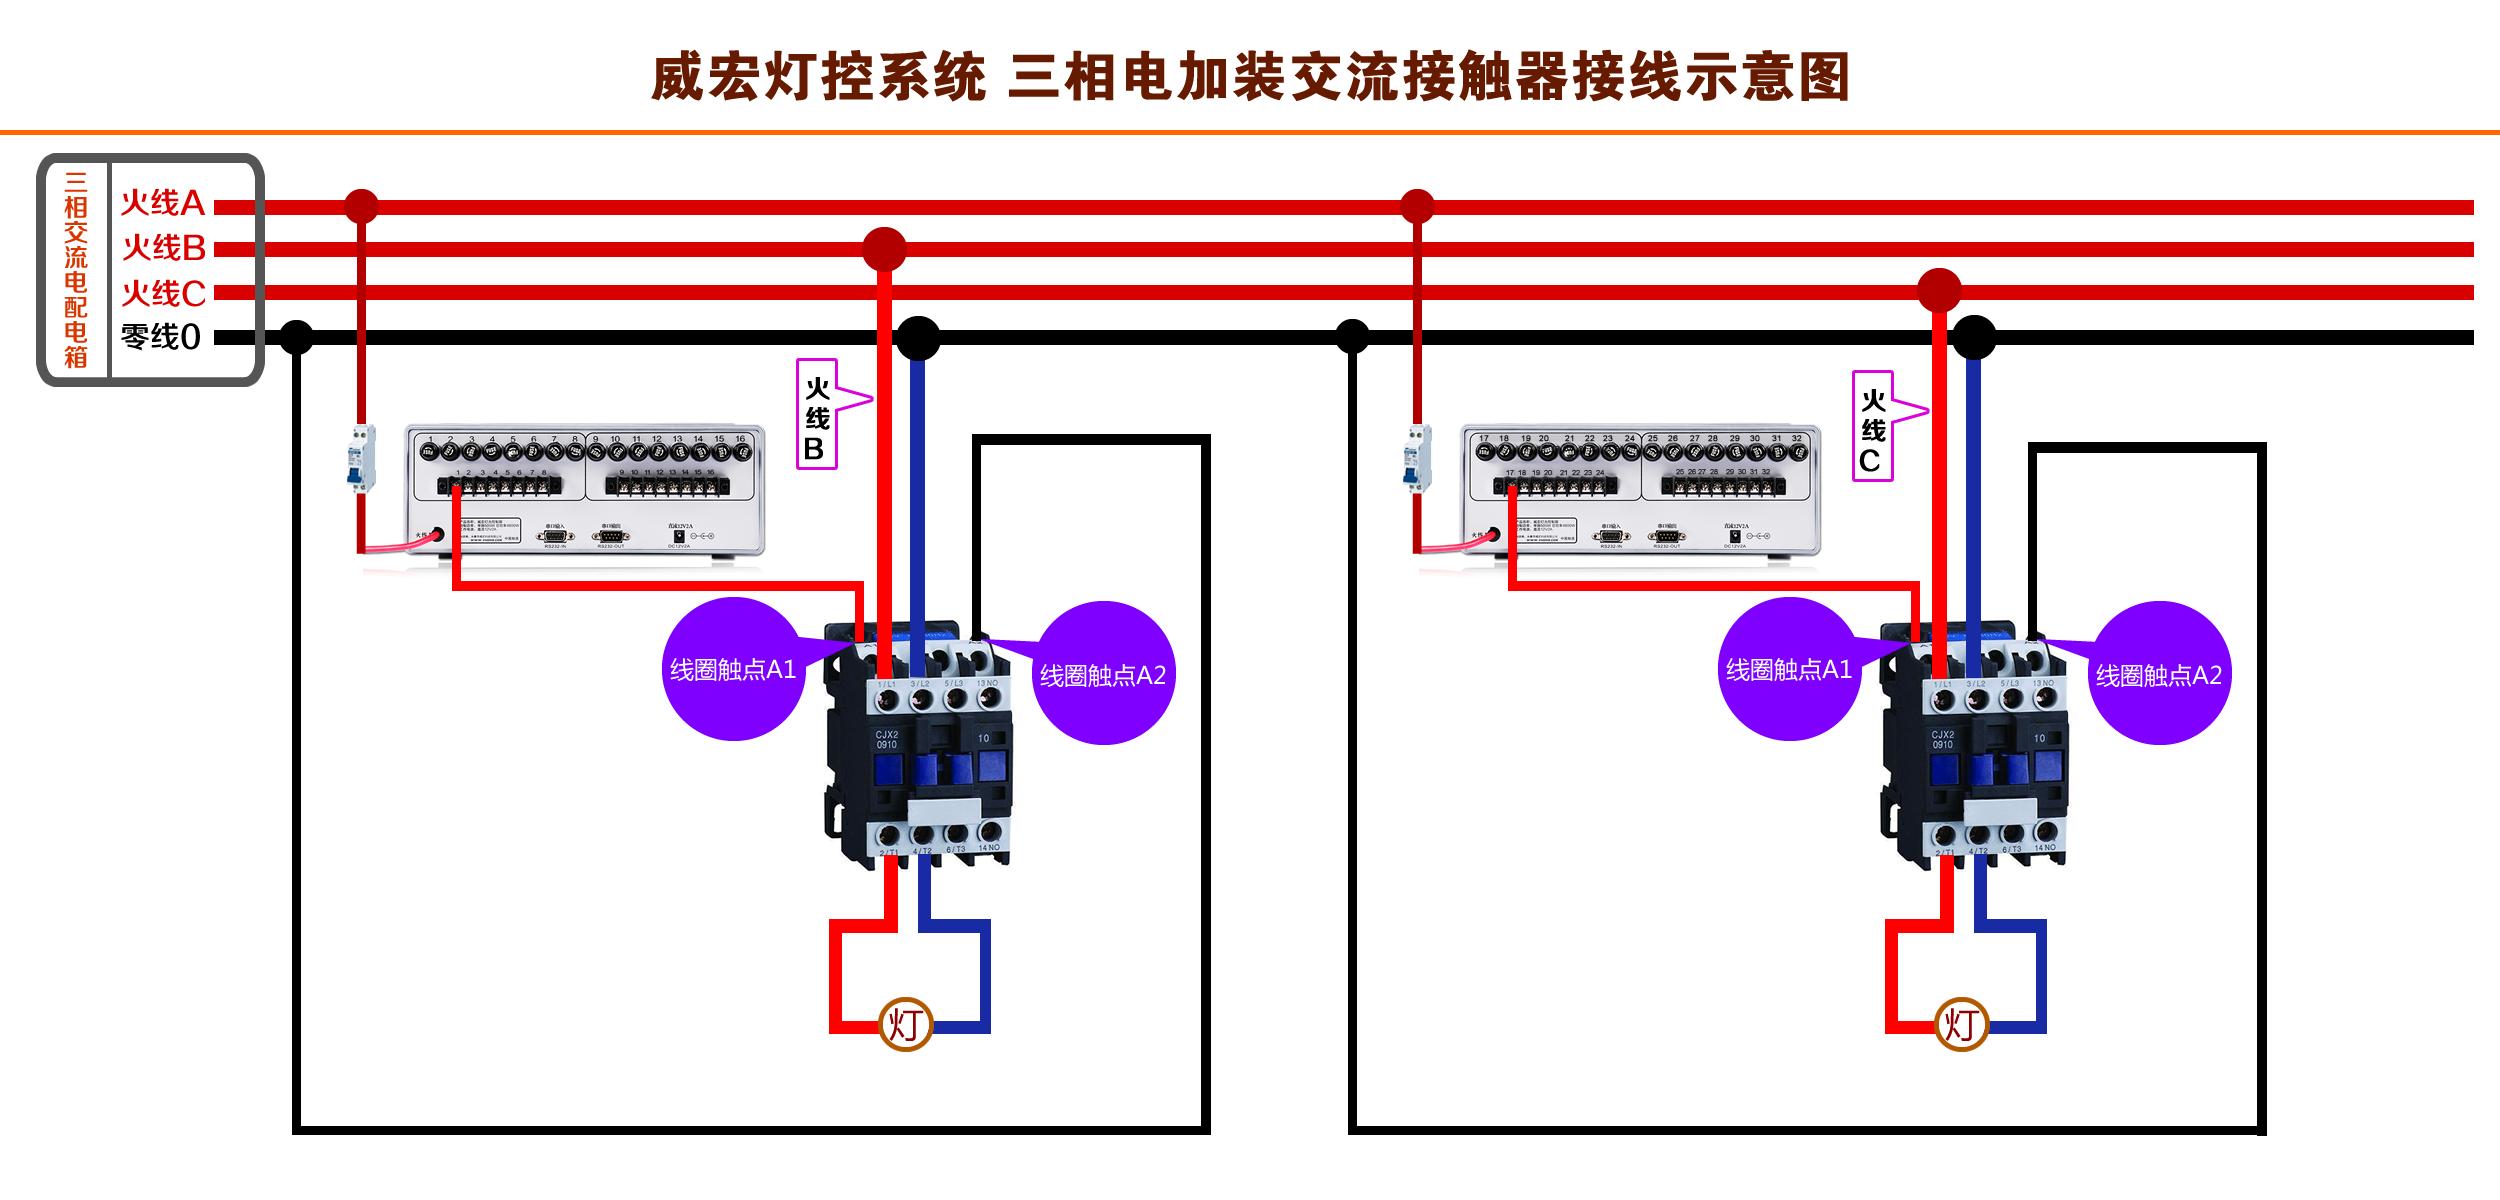 大功率控制对象的灯控布线方案